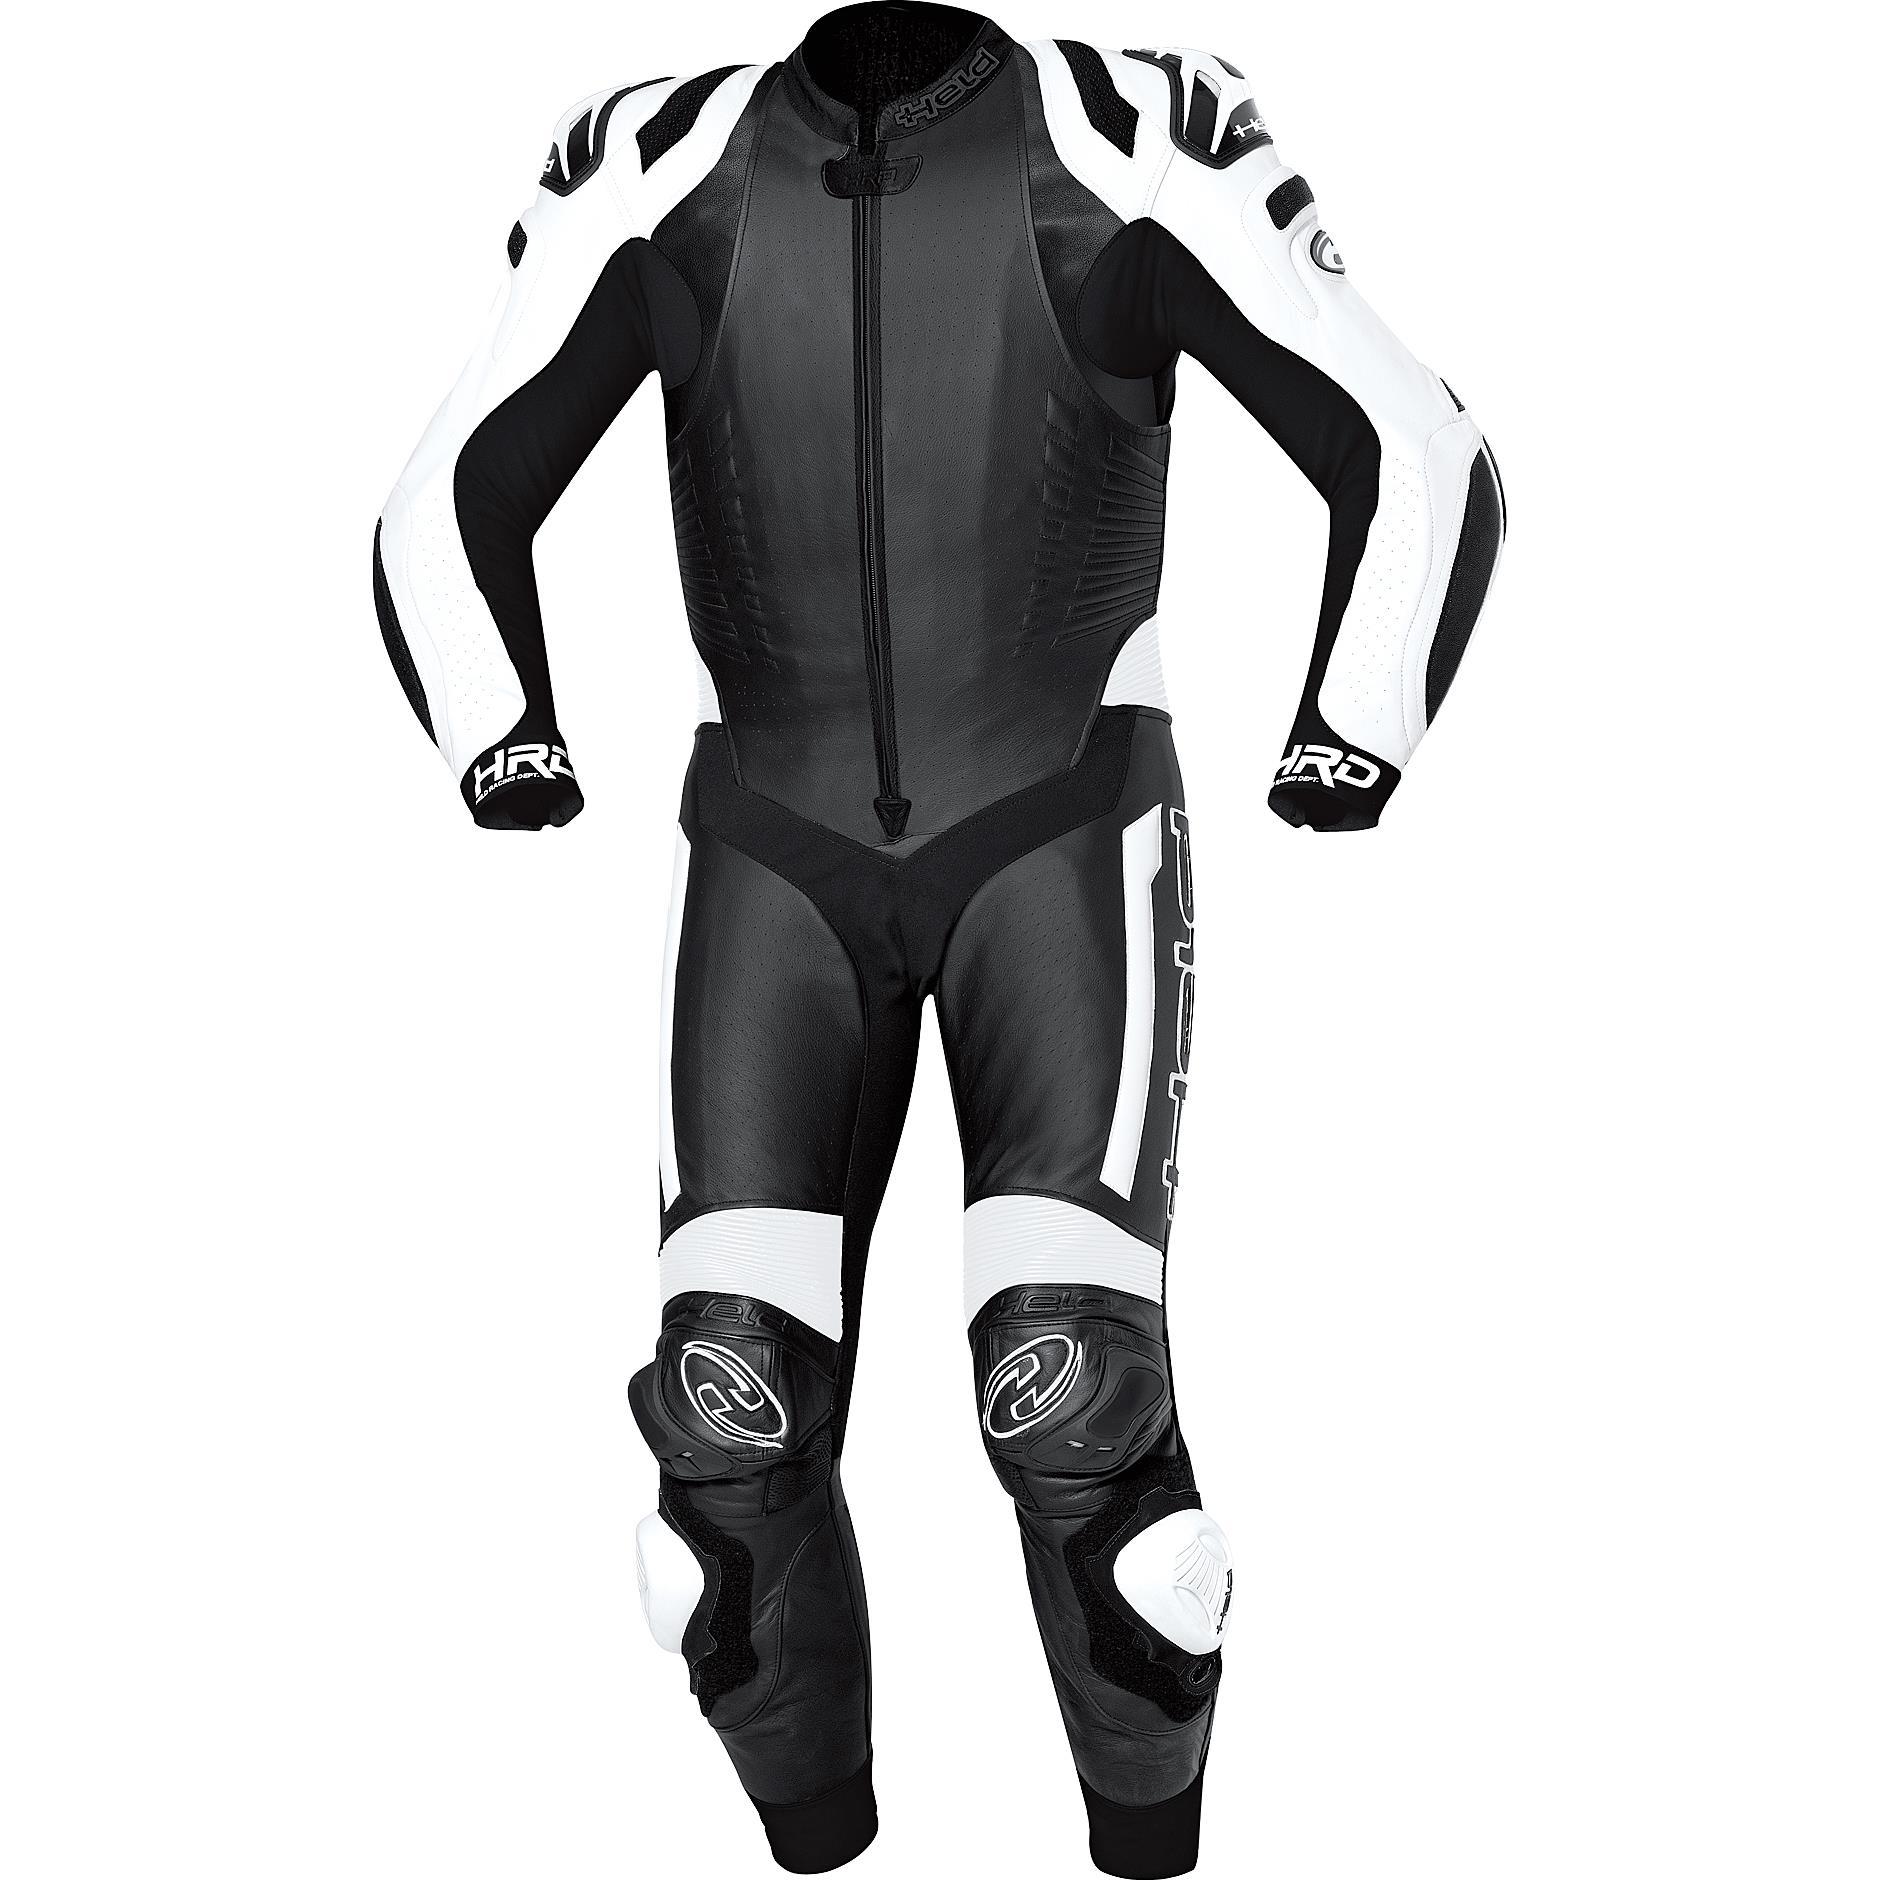 Held Race-Evo Kombi 1-tlg. schwarz-weiß 52 12018201307